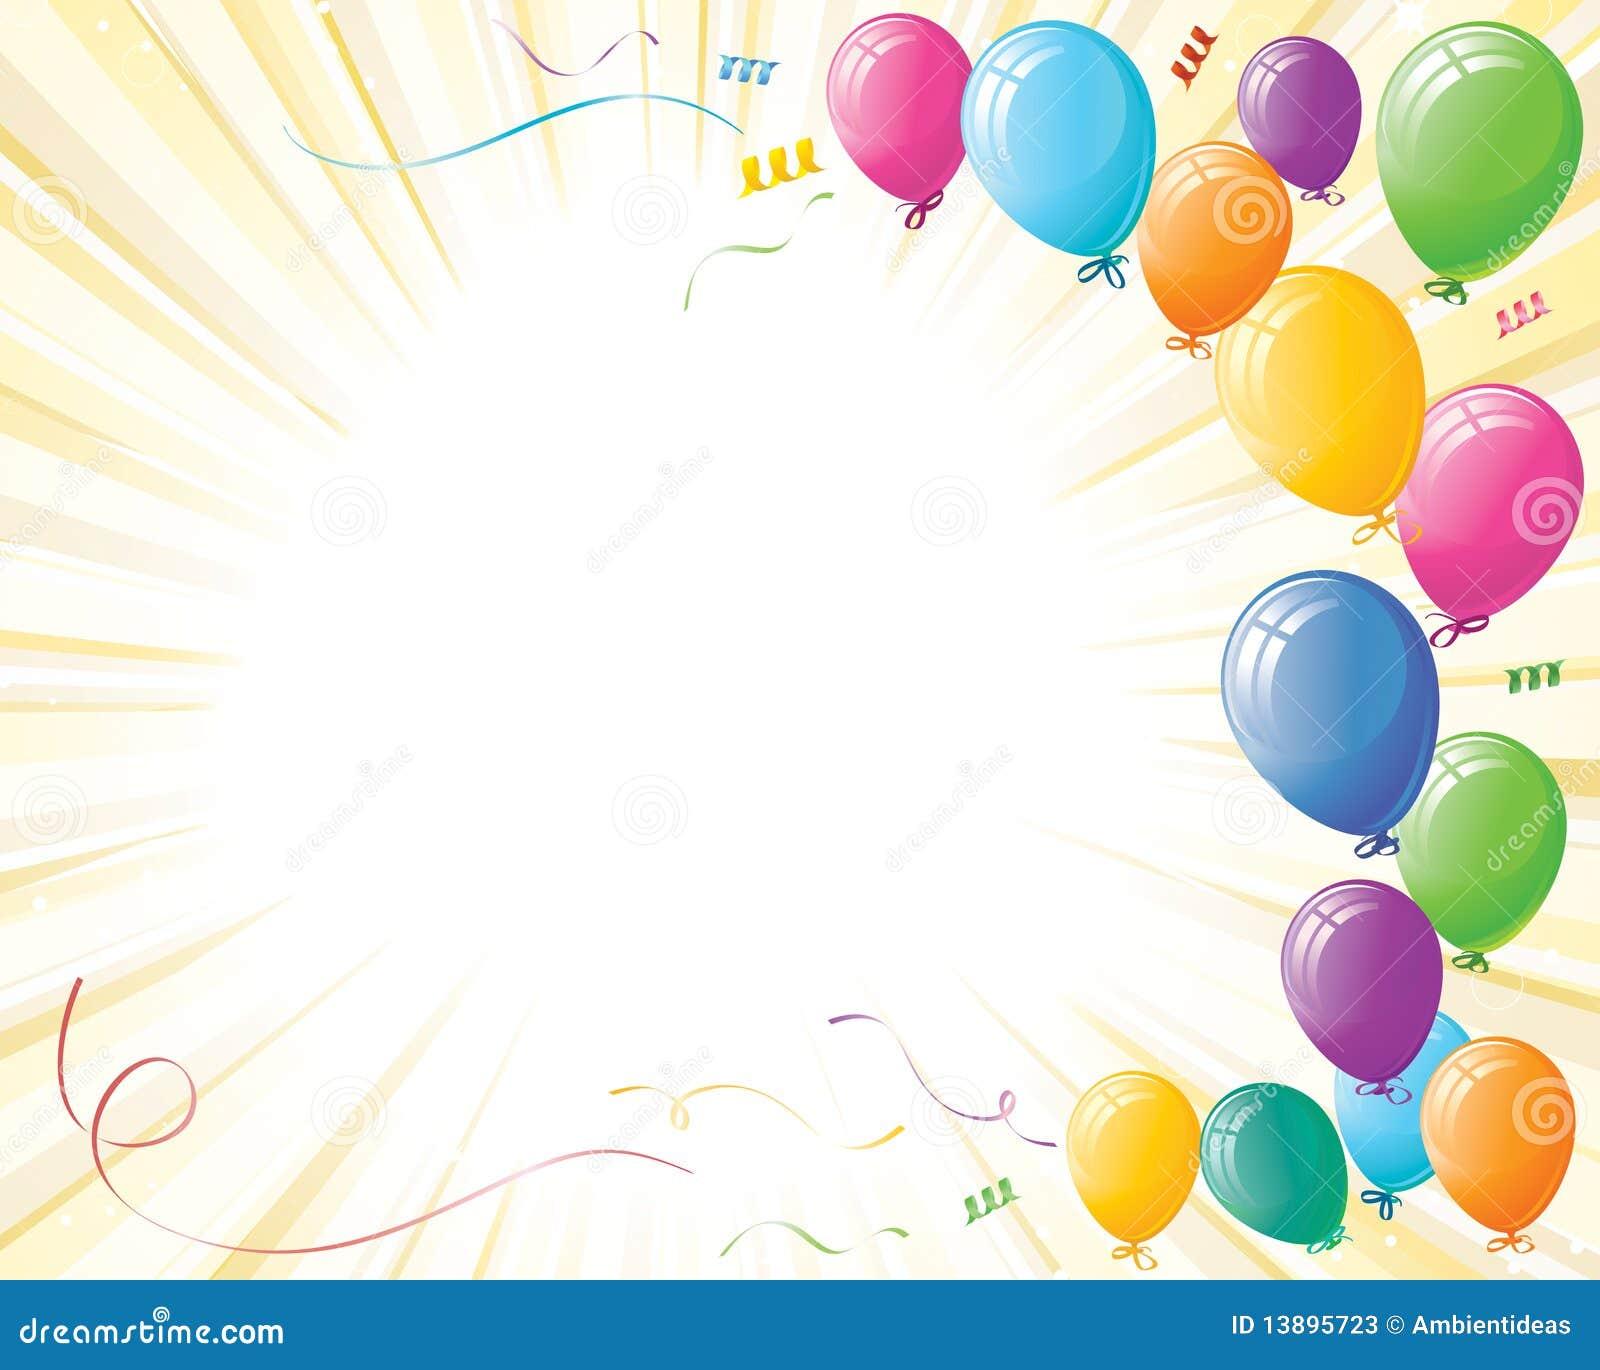 Globos De La Celebración Del Partido En La Explosión Del Amarillo ... aa1895283ac